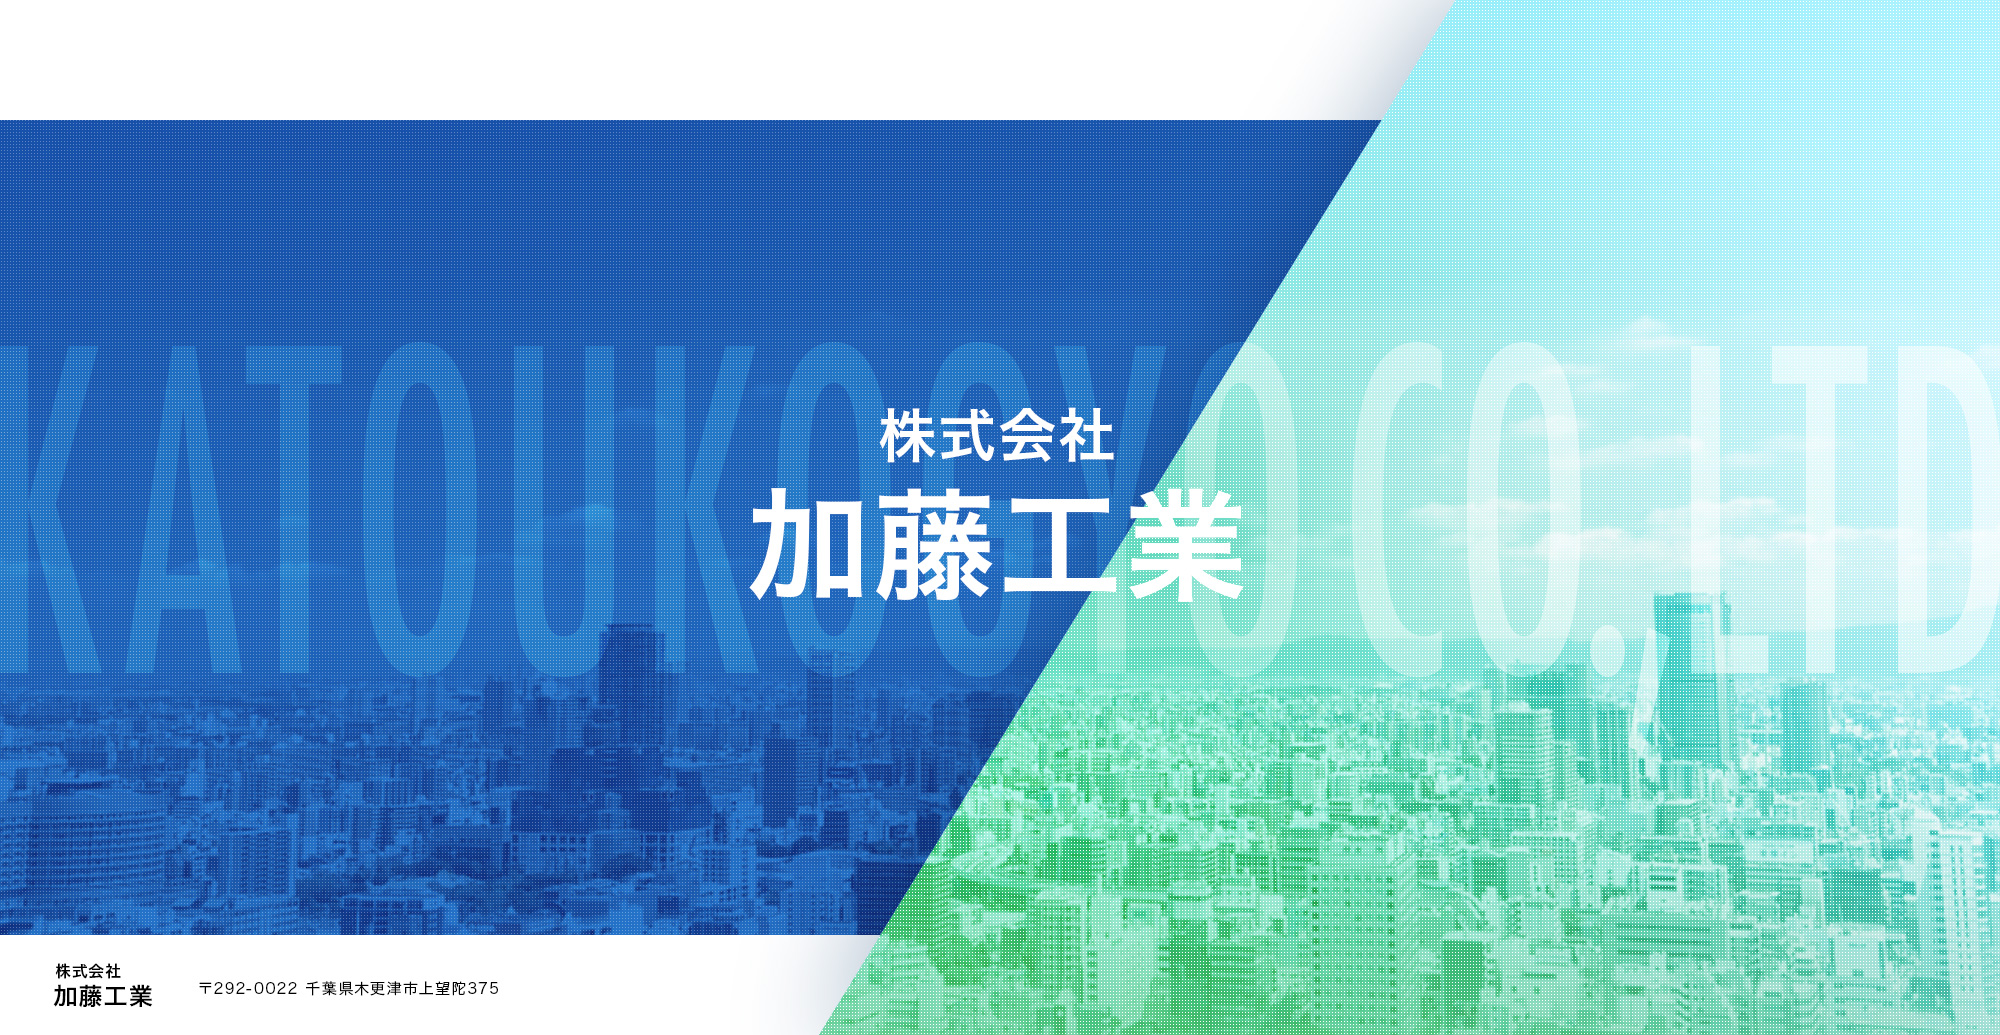 株式会社加藤工業